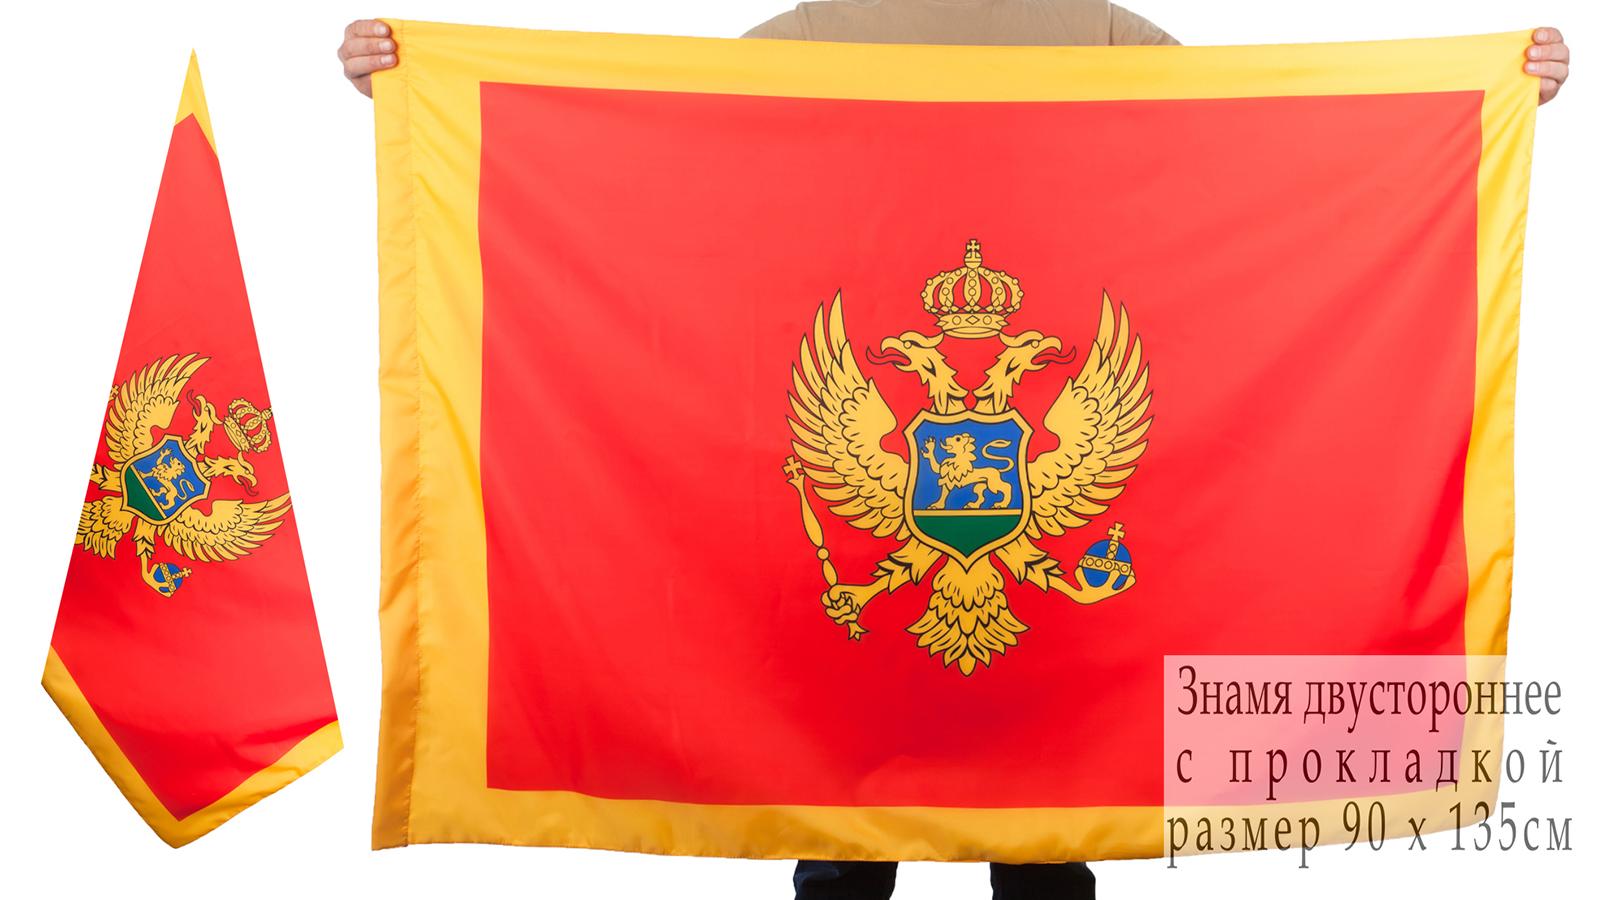 Двухсторонний флаг Черногории